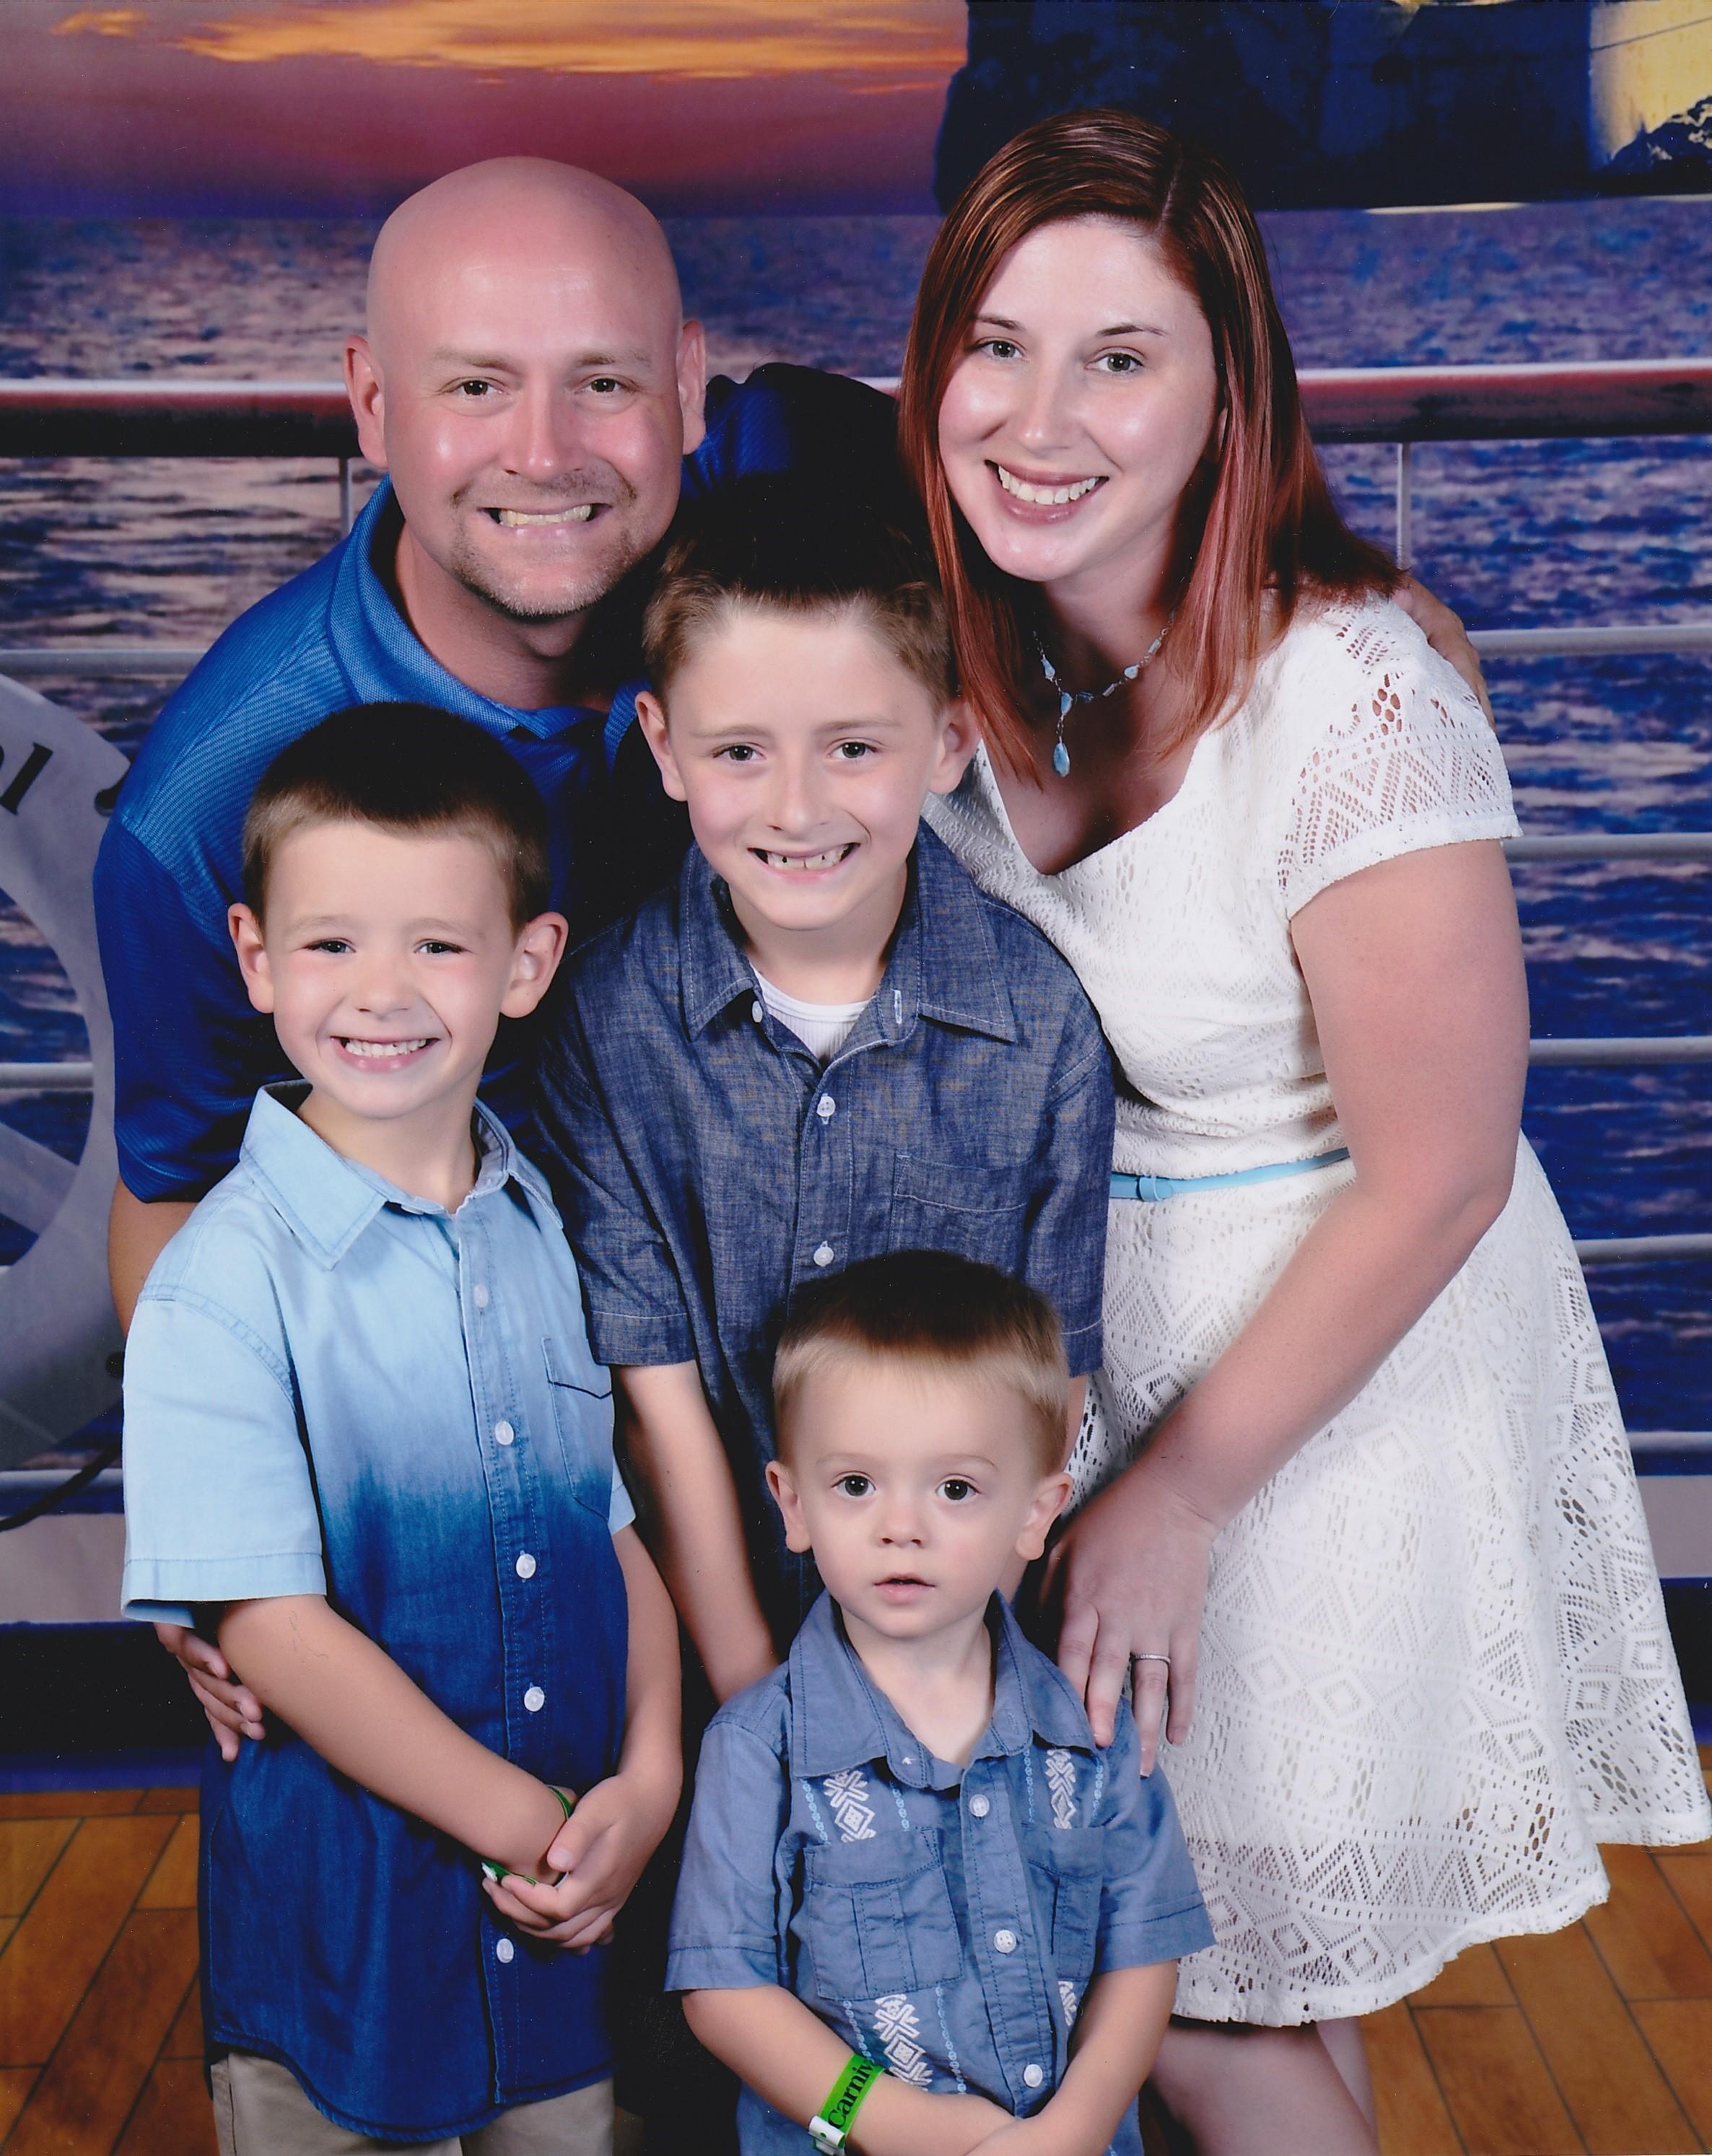 florida family adoption profile